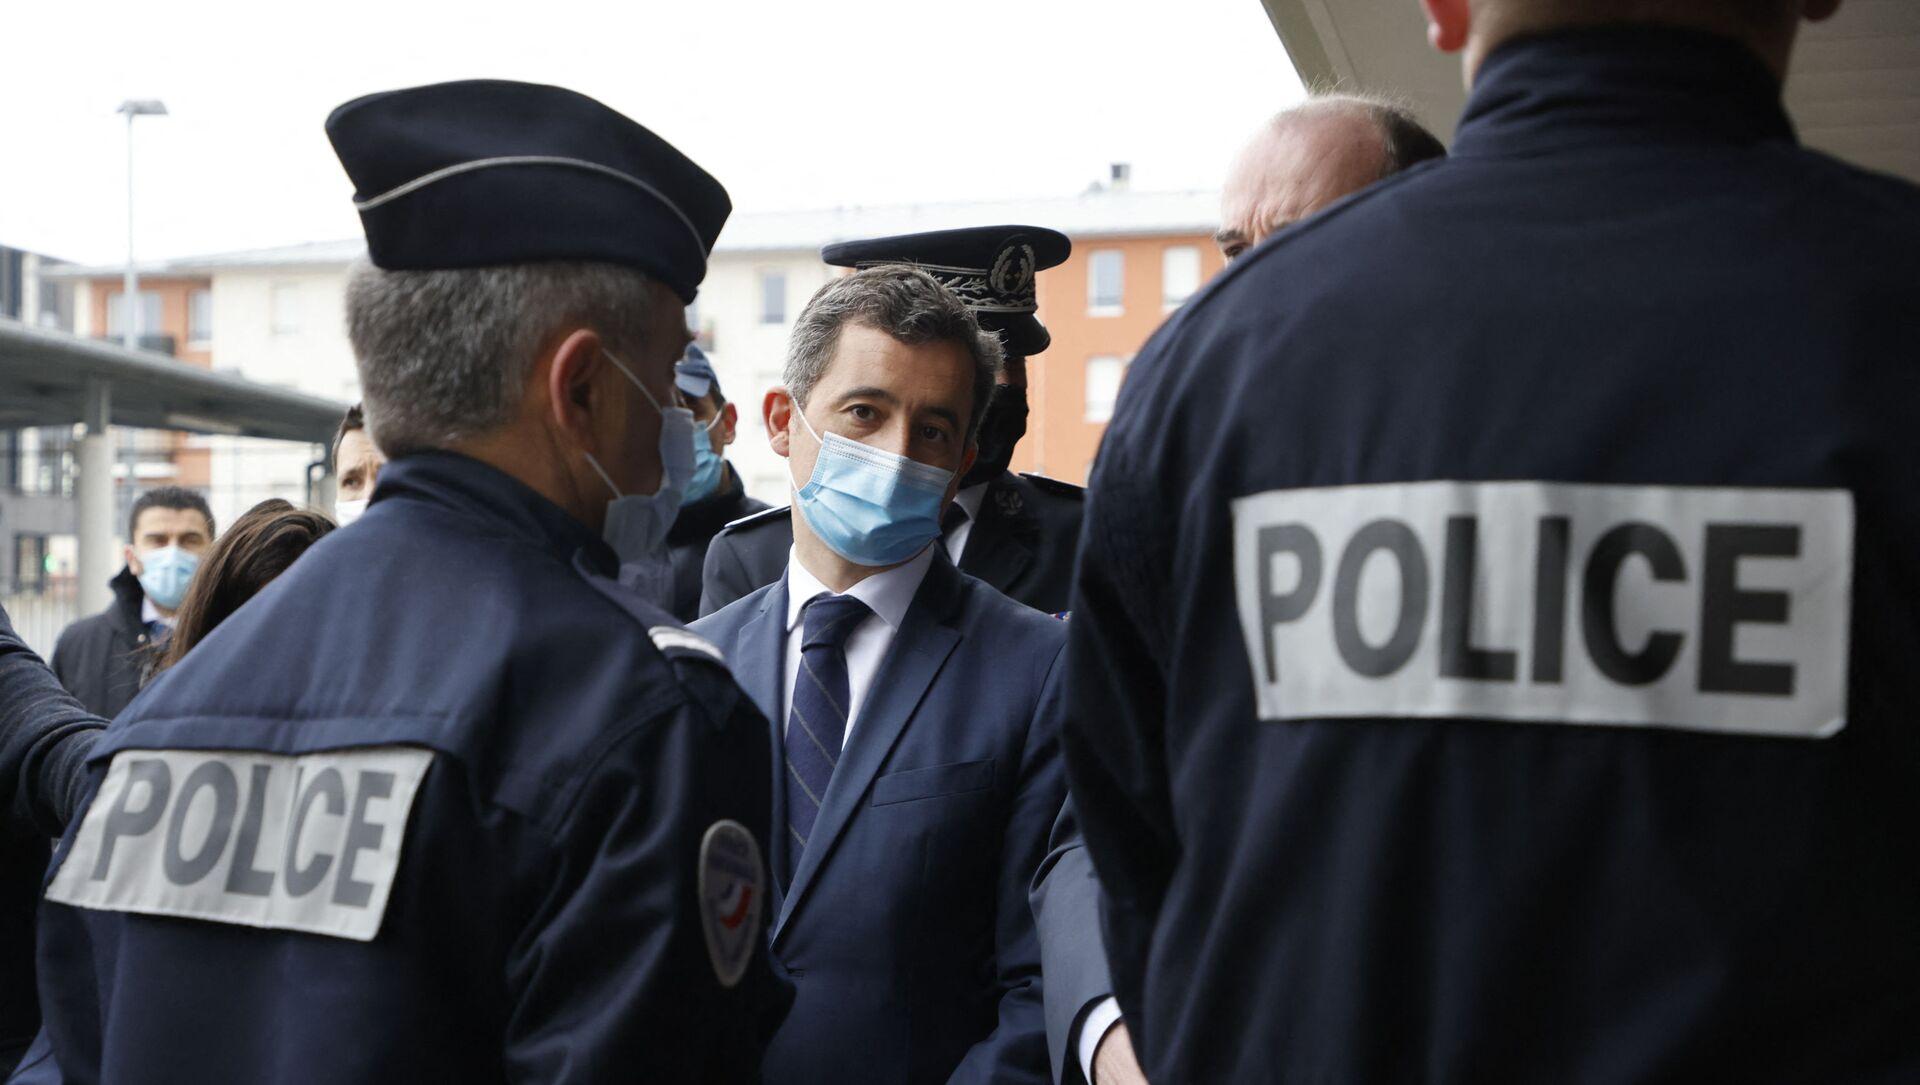 Dans un courrier transmis ce 7 septembre aux préfets, Gérald Darmanin en appelle à la «vigilance dans le cadre de l'ouverture du procès des attentats» tant vis-à-vis de la «menace endogène qu'exogène». «La menace terroriste est très forte», prévient le ministre de l'Intérieur. - Sputnik France, 1920, 17.07.2021